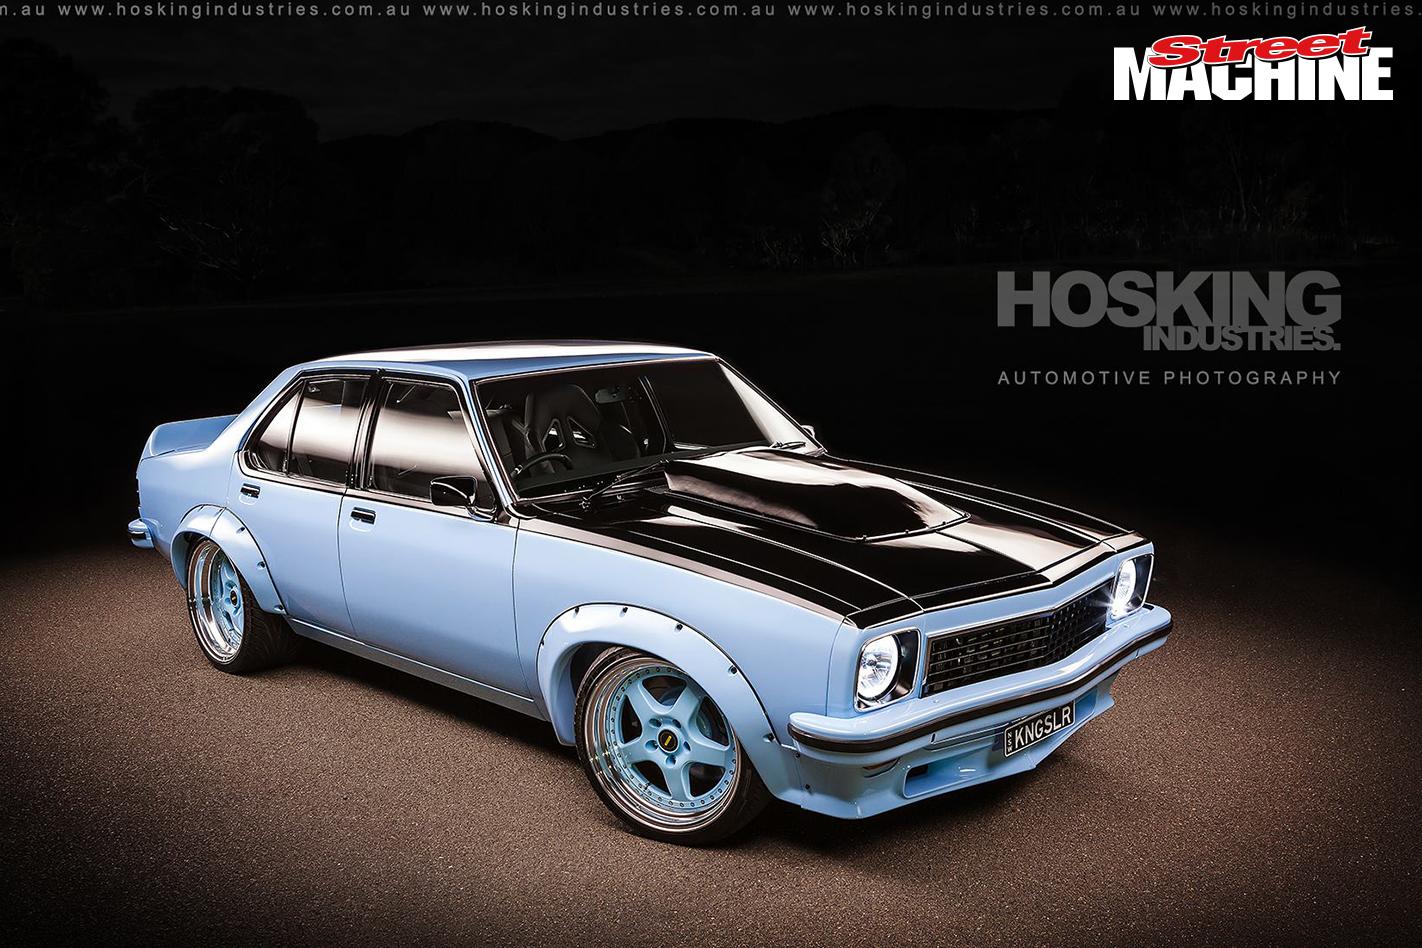 Holden Torana SLR KINGSLR 2